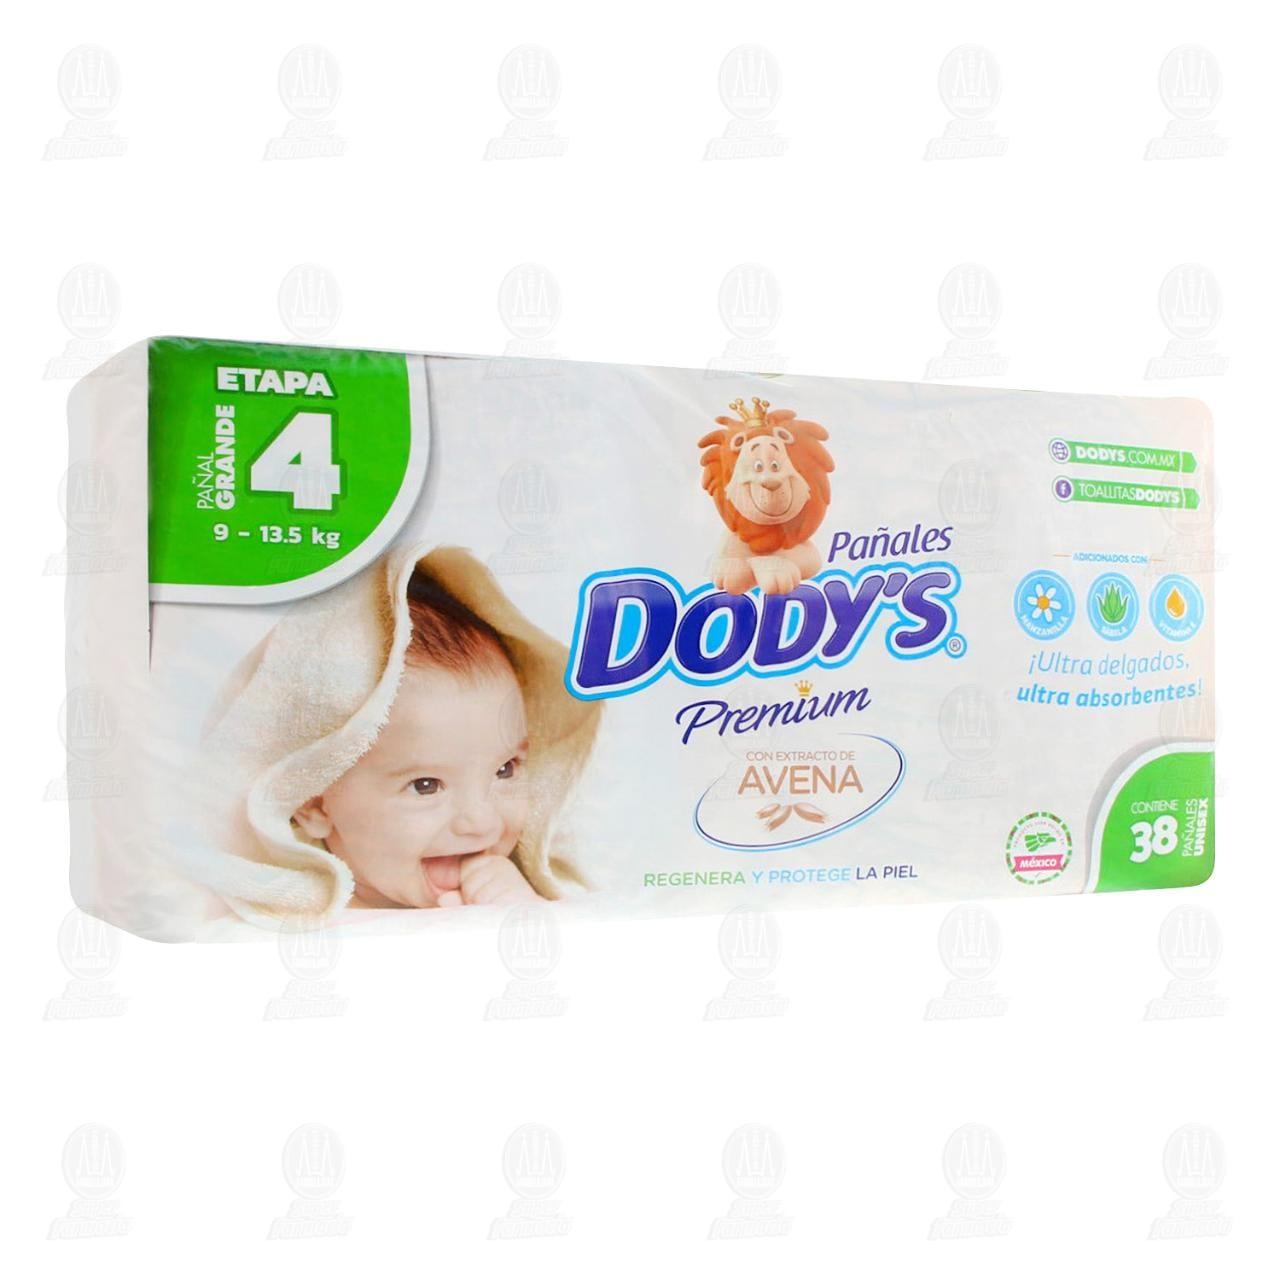 Comprar Pañales para Bebé Dody's Premium Unisex con Avena Etapa 4 Grande, 38 pzas. en Farmacias Guadalajara